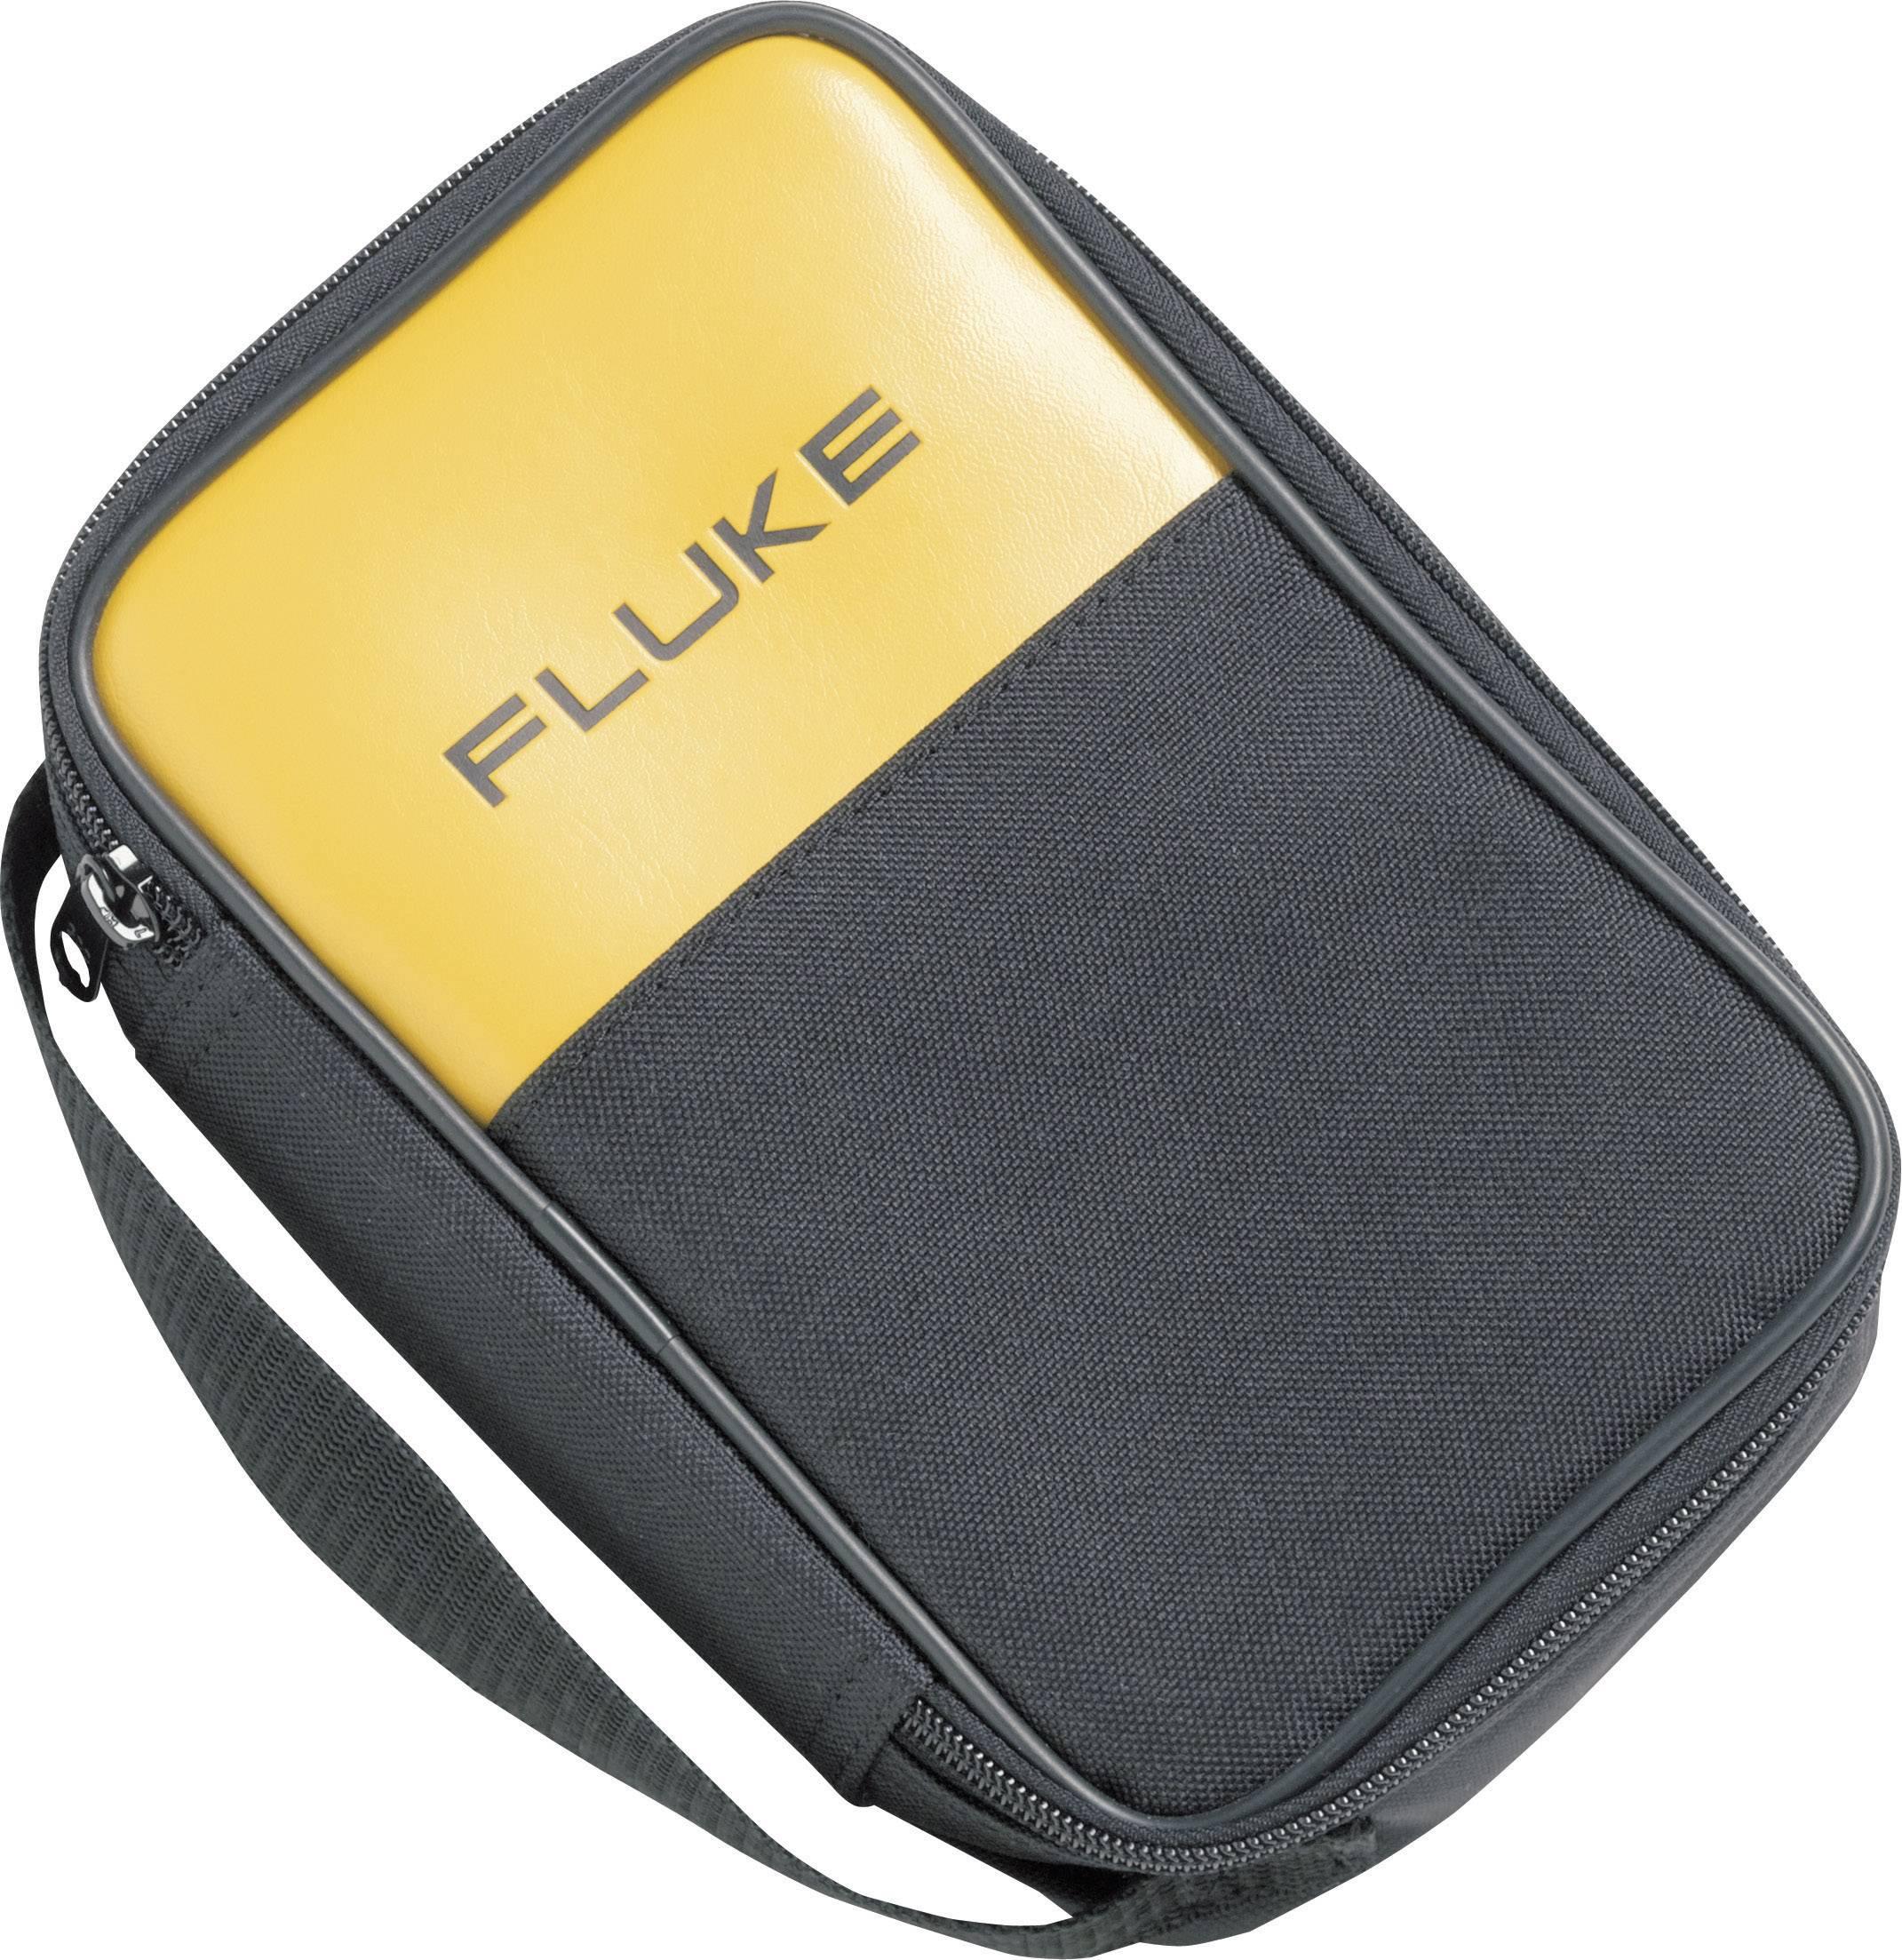 Přepravní pouzdro Fluke C35, vhodný pro DMM Fluke řady 11x, 170 a jiné měřicí přístroje obdobného formátu.